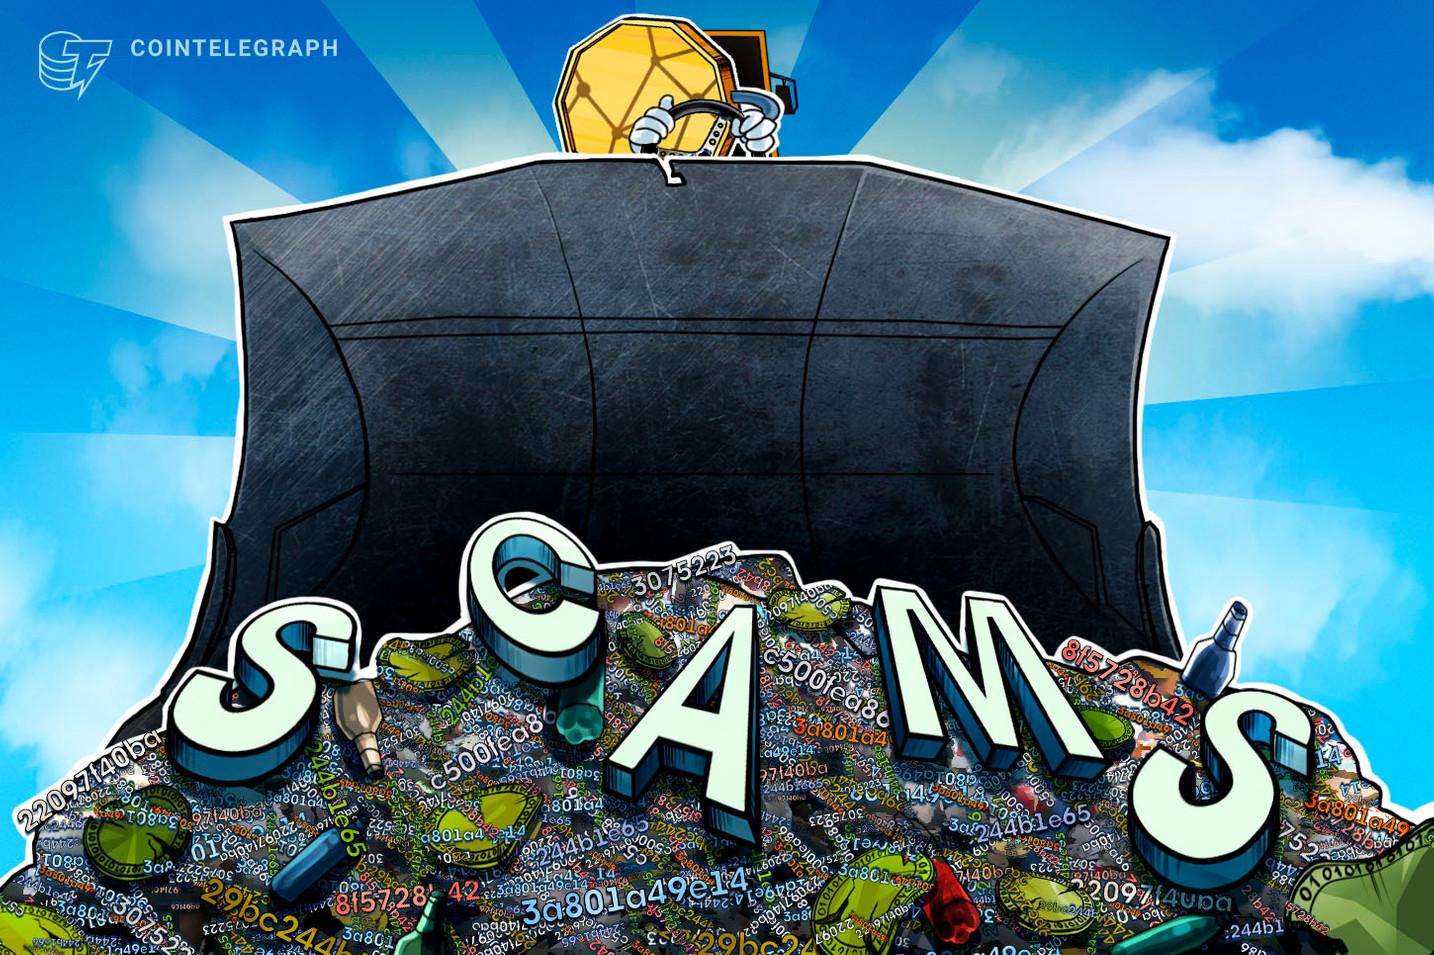 Un gruppo di importanti trader di criptovalute pianifica la realizzazione di una blacklist per l'industria